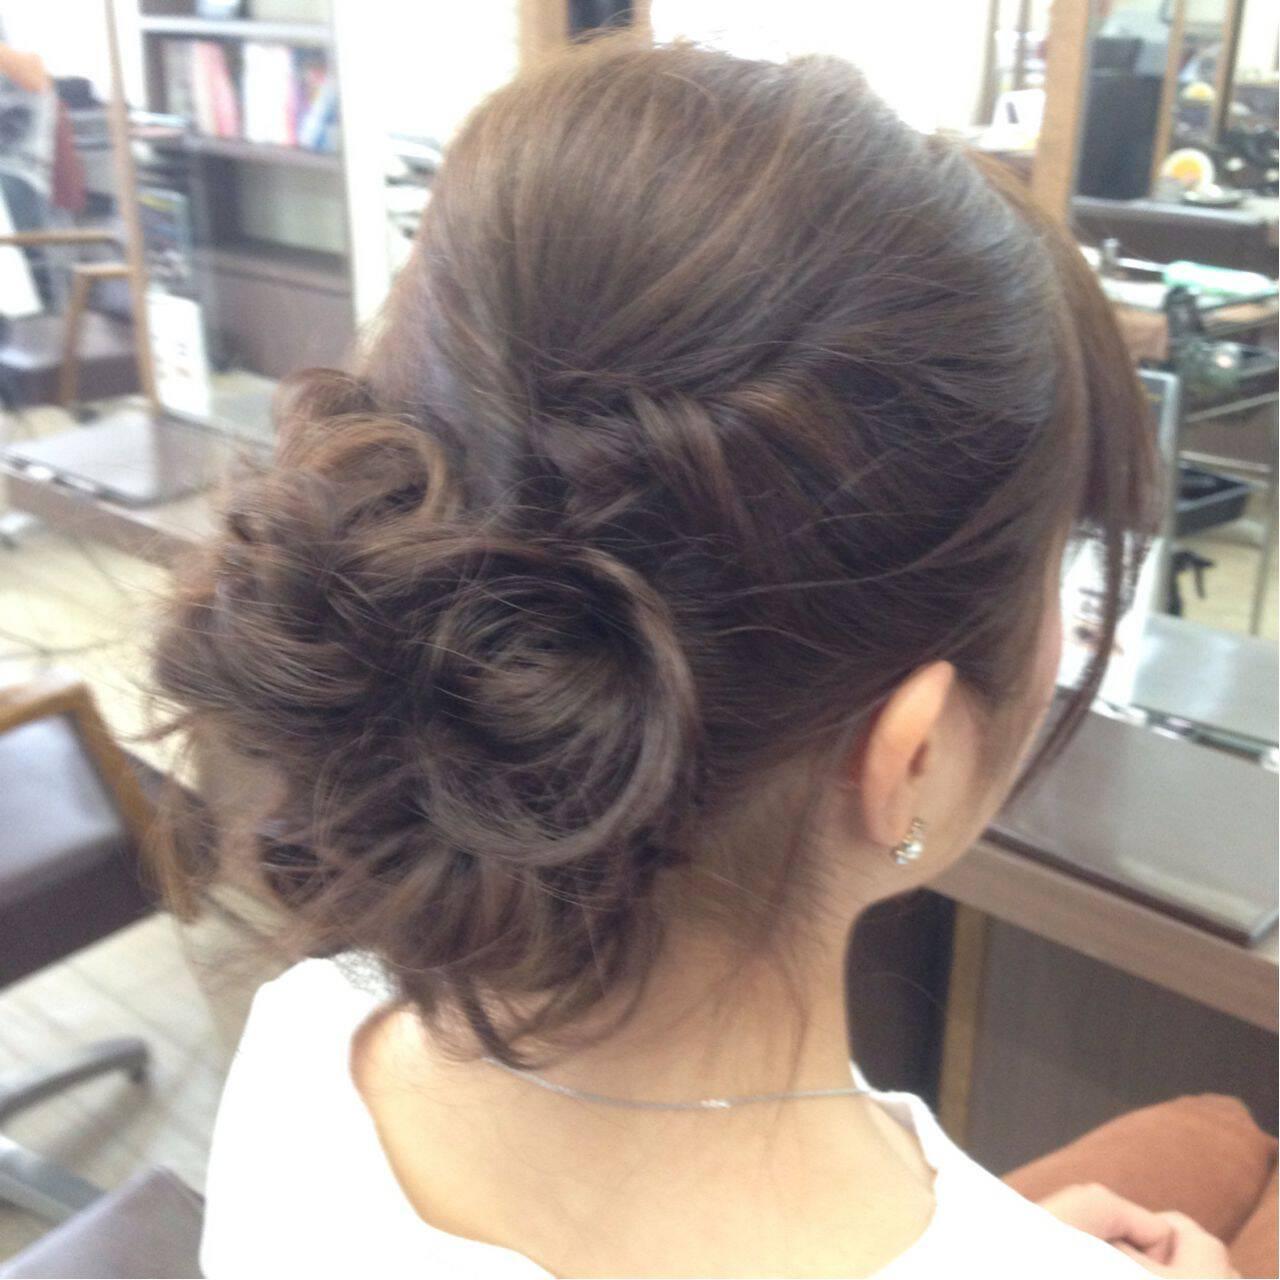 ガーリー ロング フェミニン ヘアアレンジヘアスタイルや髪型の写真・画像